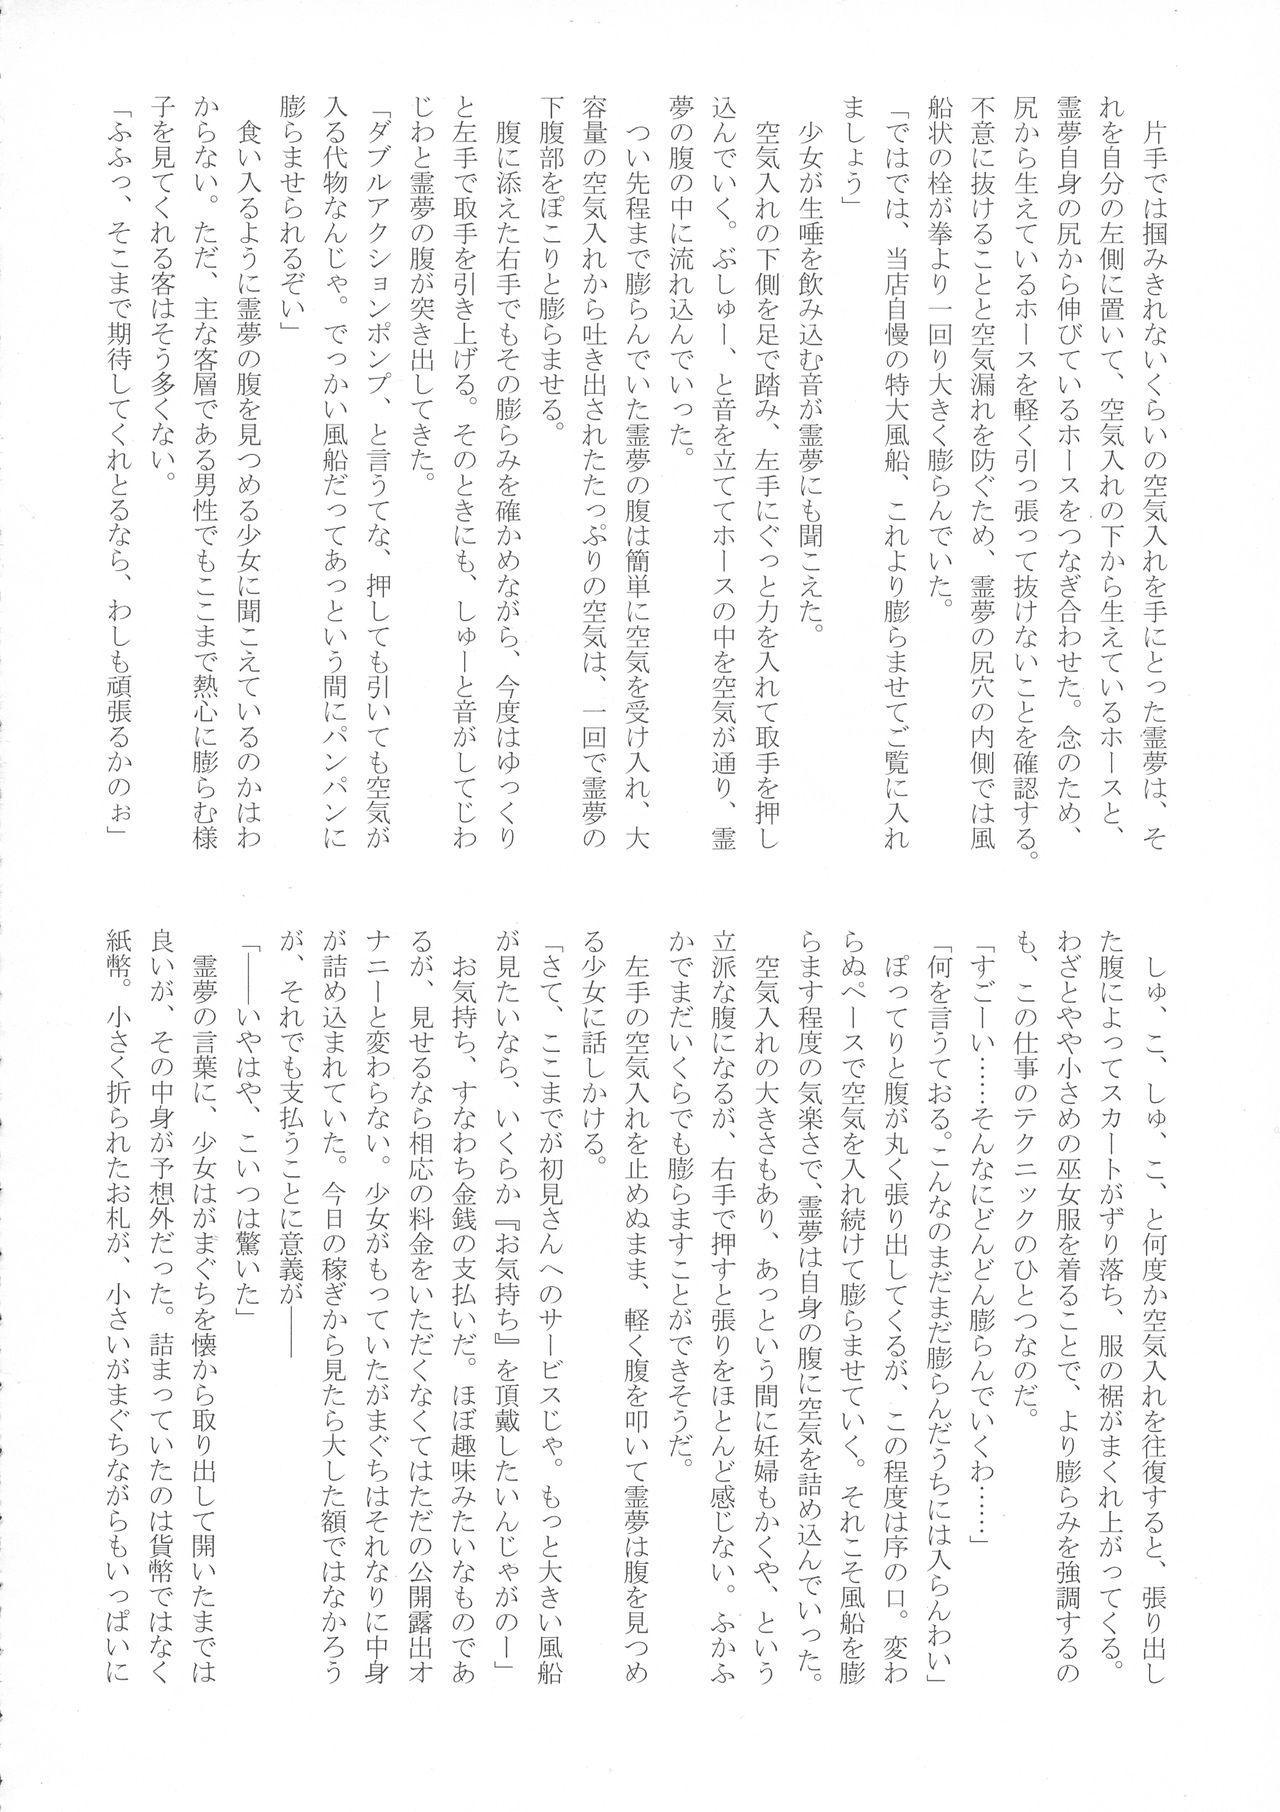 (Reitaisai 15) [HORIC WORKS (Various)] Touhou Bouchou-kei Sougou Goudou-shi `Boujo 2!!!!!!!!' (Touhou Project) 86